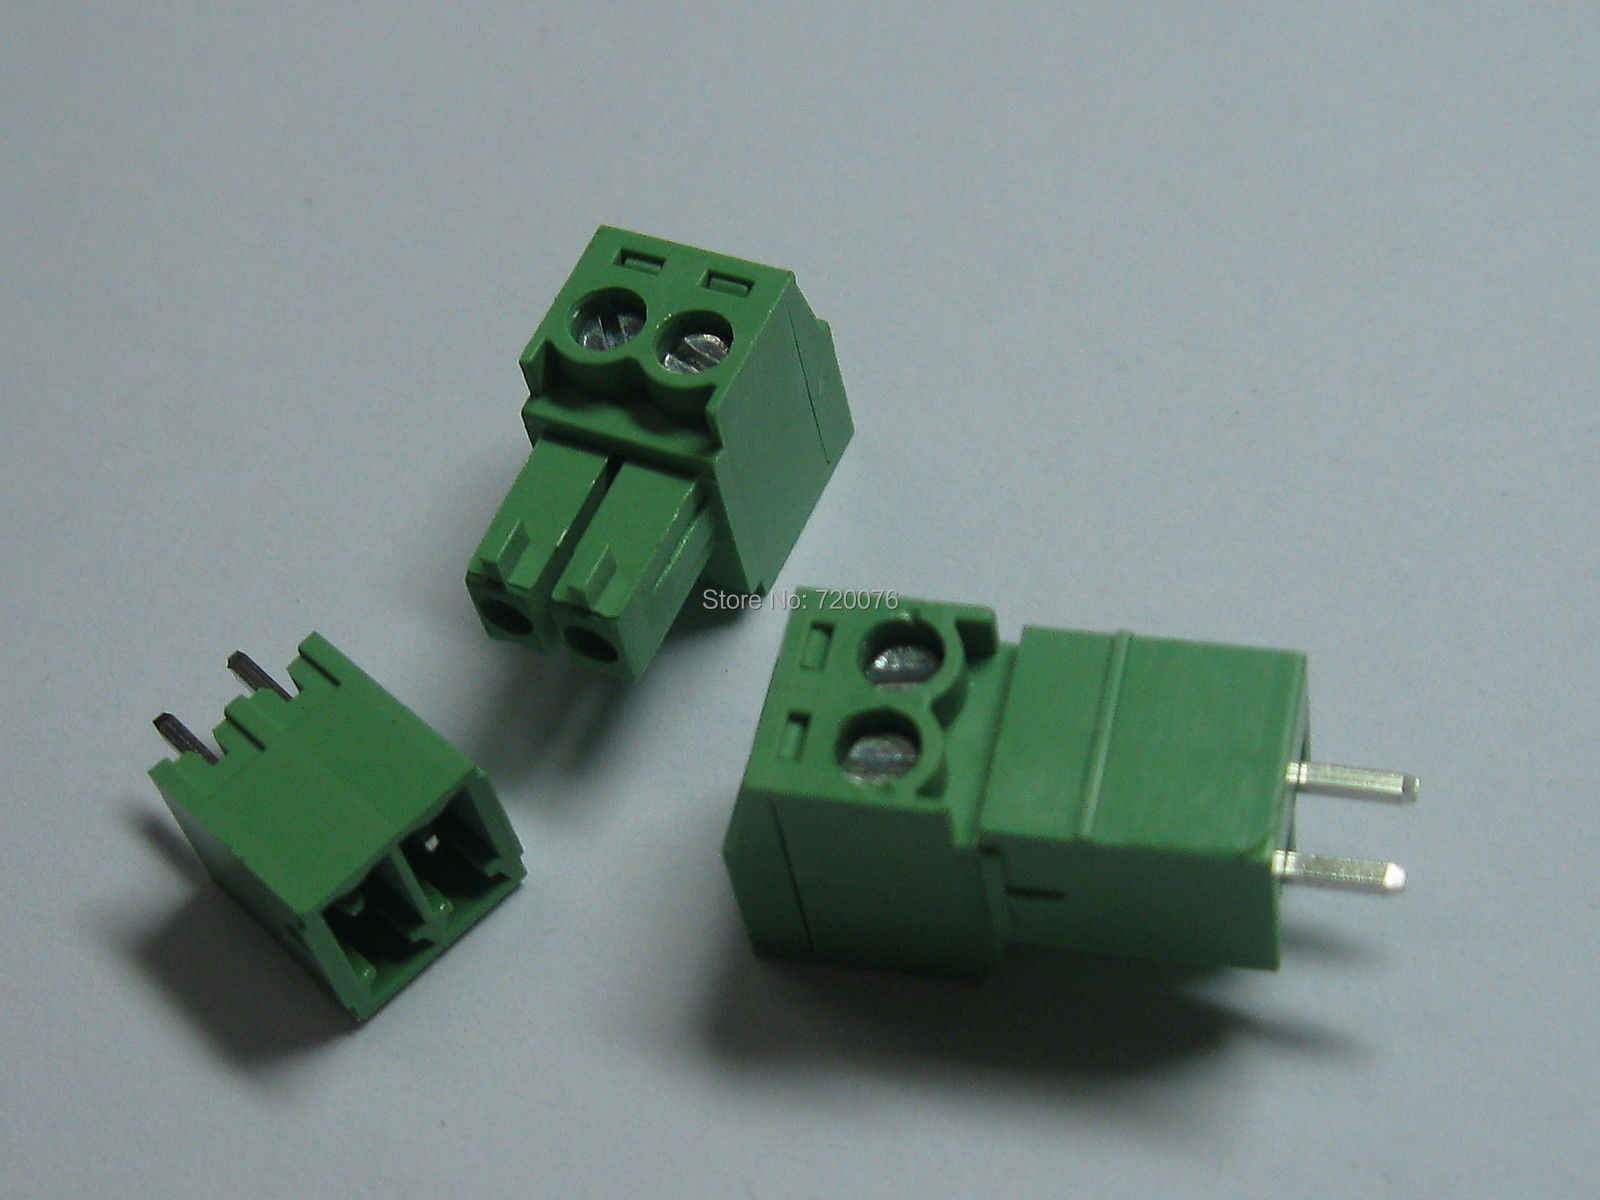 12 шт. винтовой клеммный блок соединитель 3,5 мм 2 pin/way зеленый подключаемый Тип